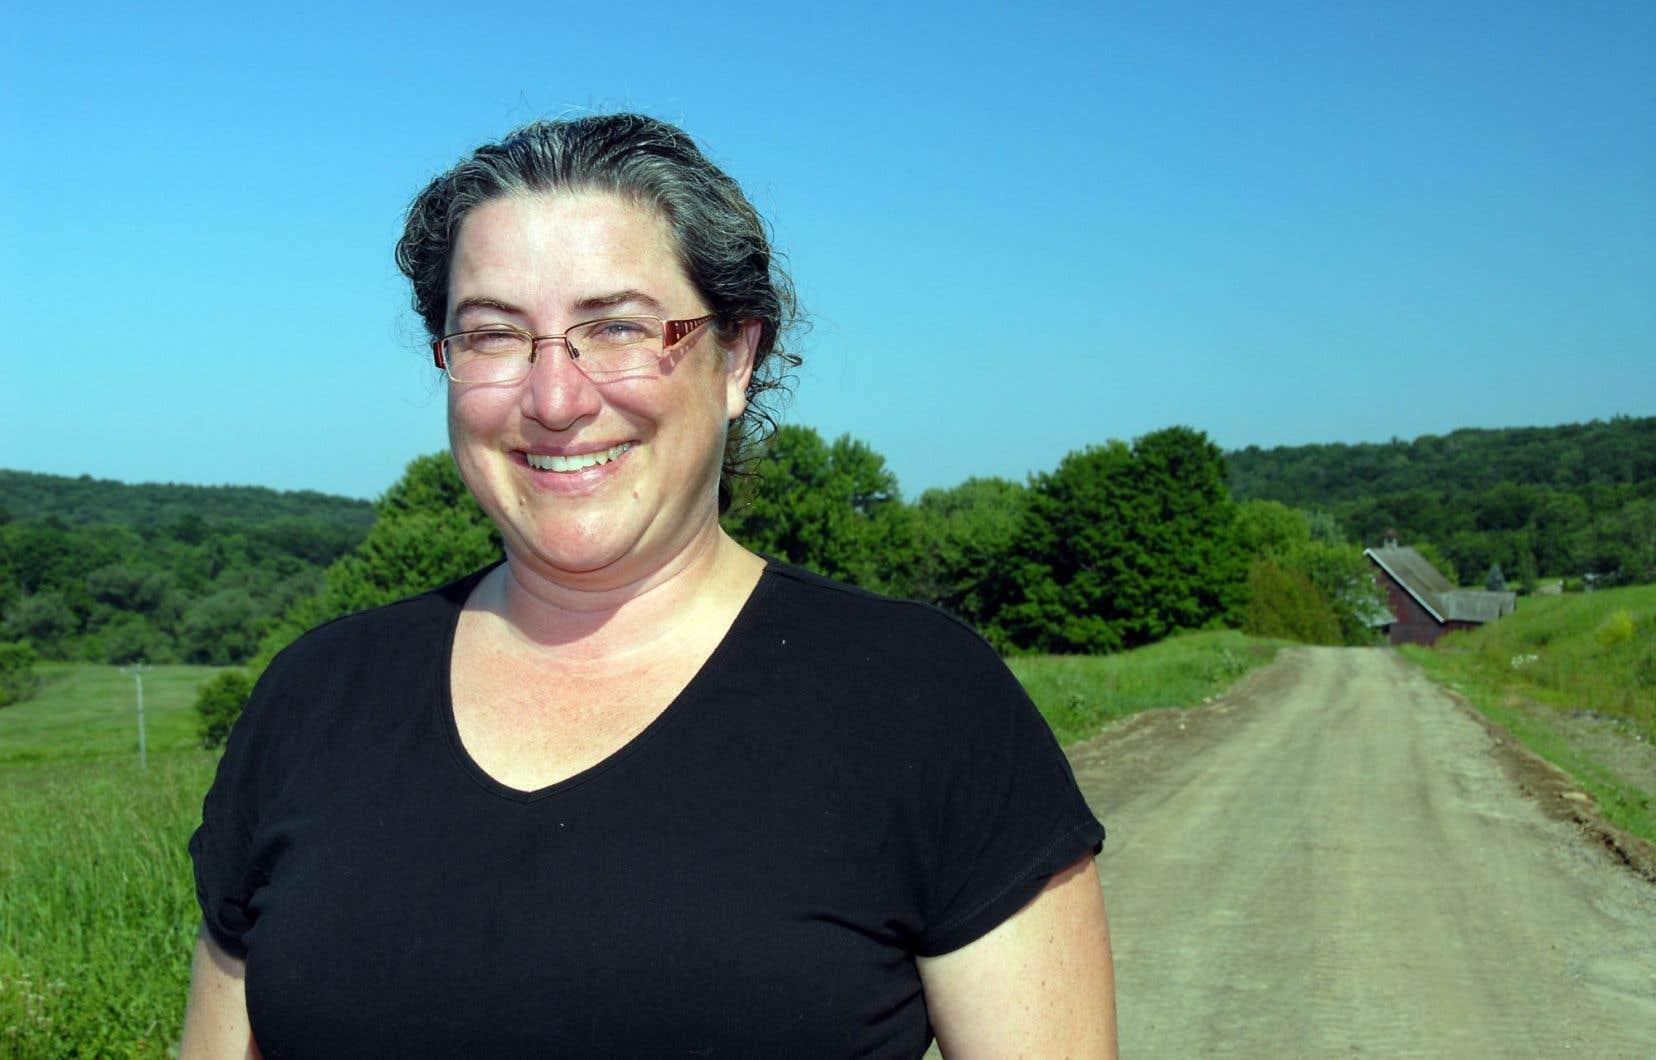 «Nous avons eu beaucoup d'eau et beaucoup de chaleur cette année, alors nous aurons des pommes de bon calibre», affirme Stéphanie Levasseur, présidente de la Fédération des producteurs de pommes du Québec.